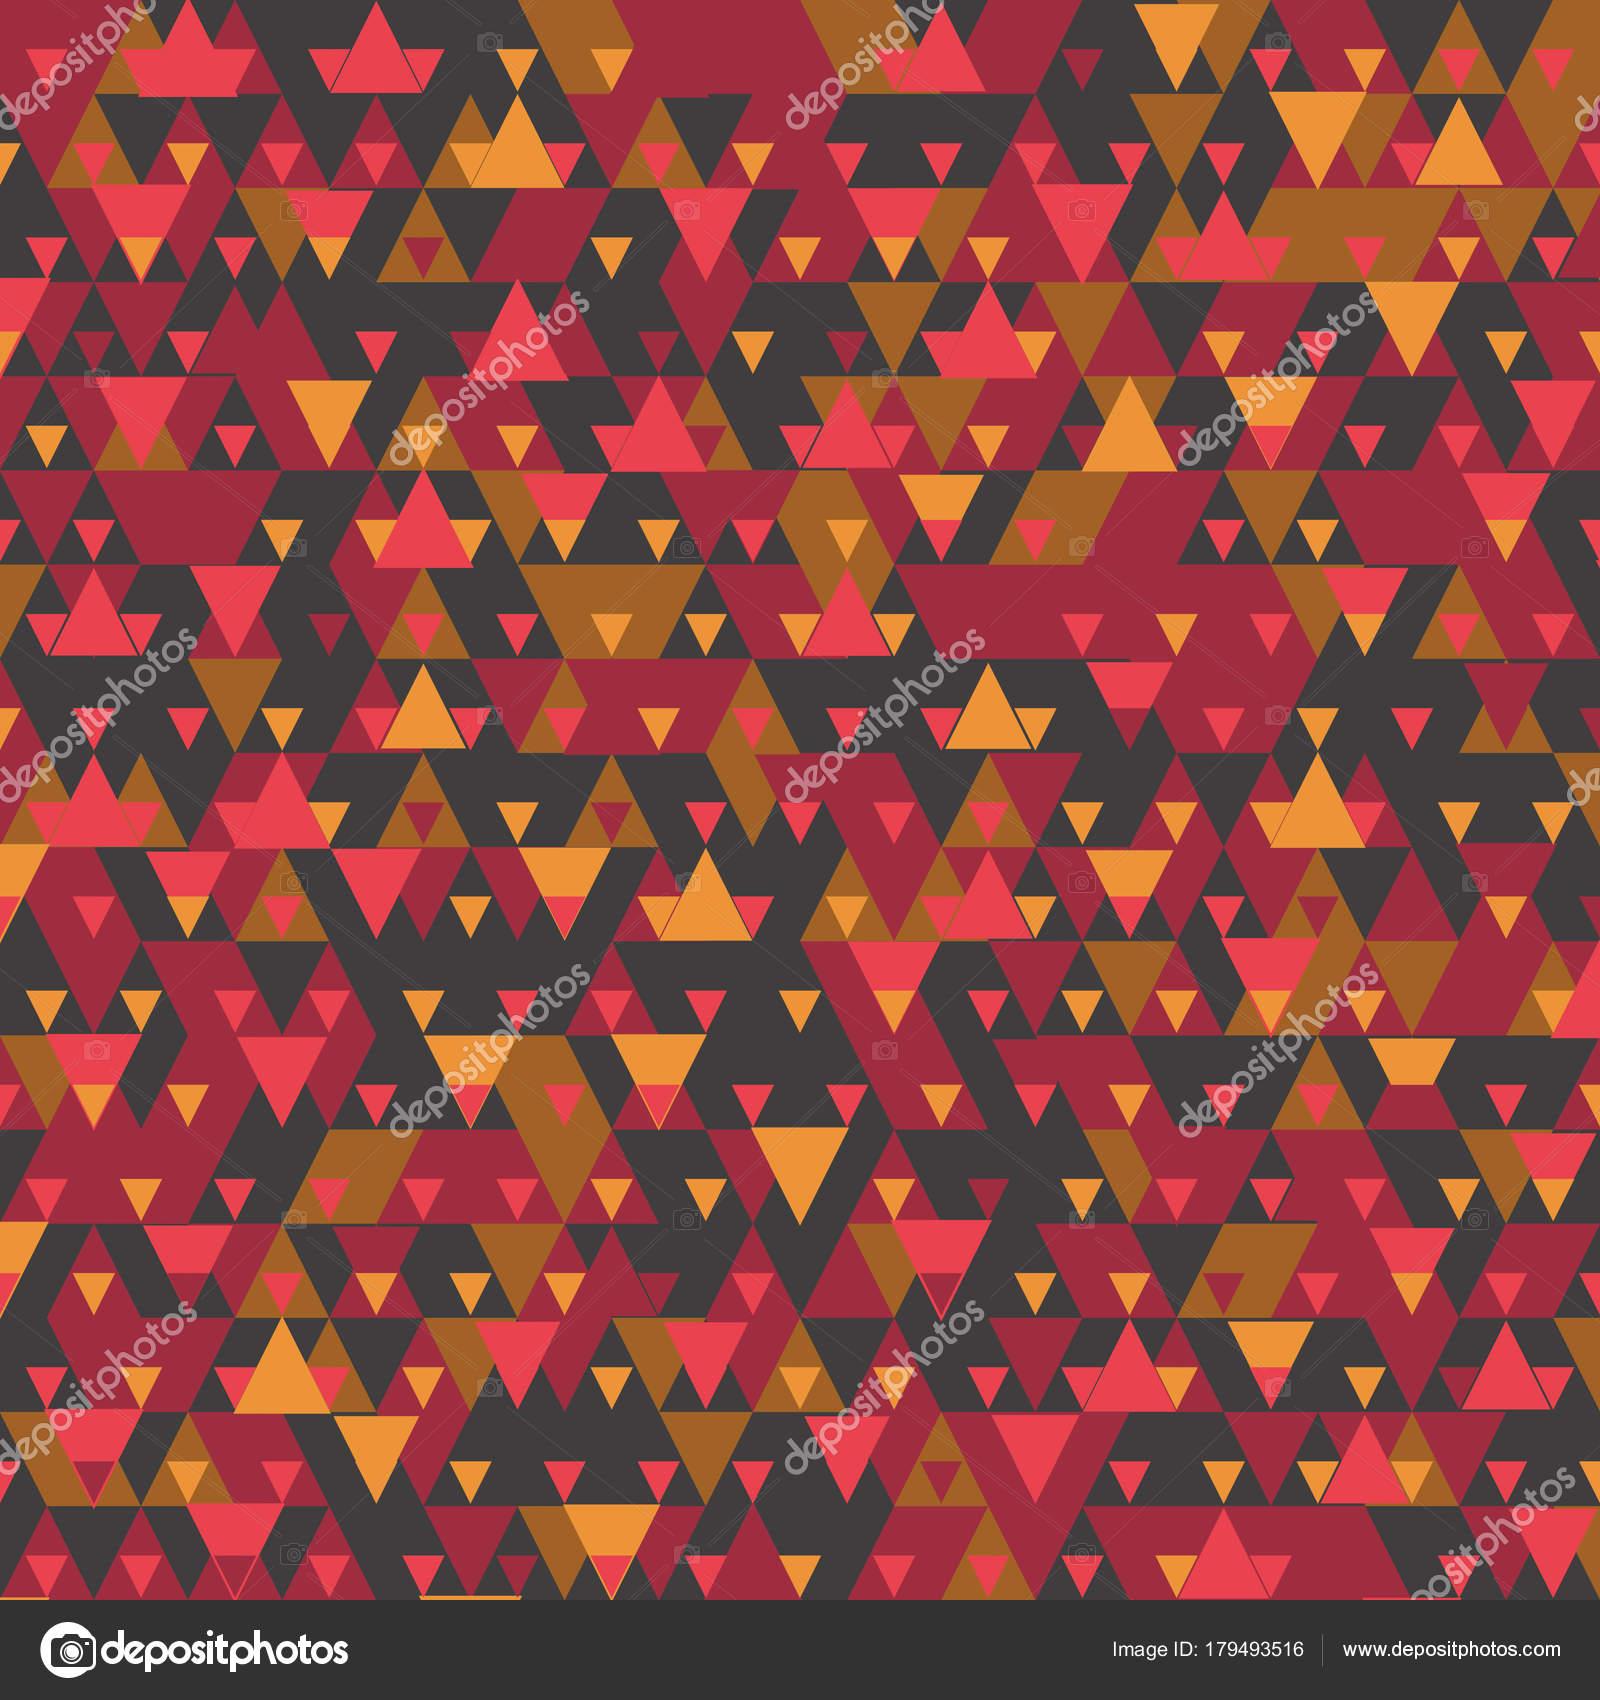 Modernen Hintergrund Mit Coolen Dreieckige Formen Muster 3d